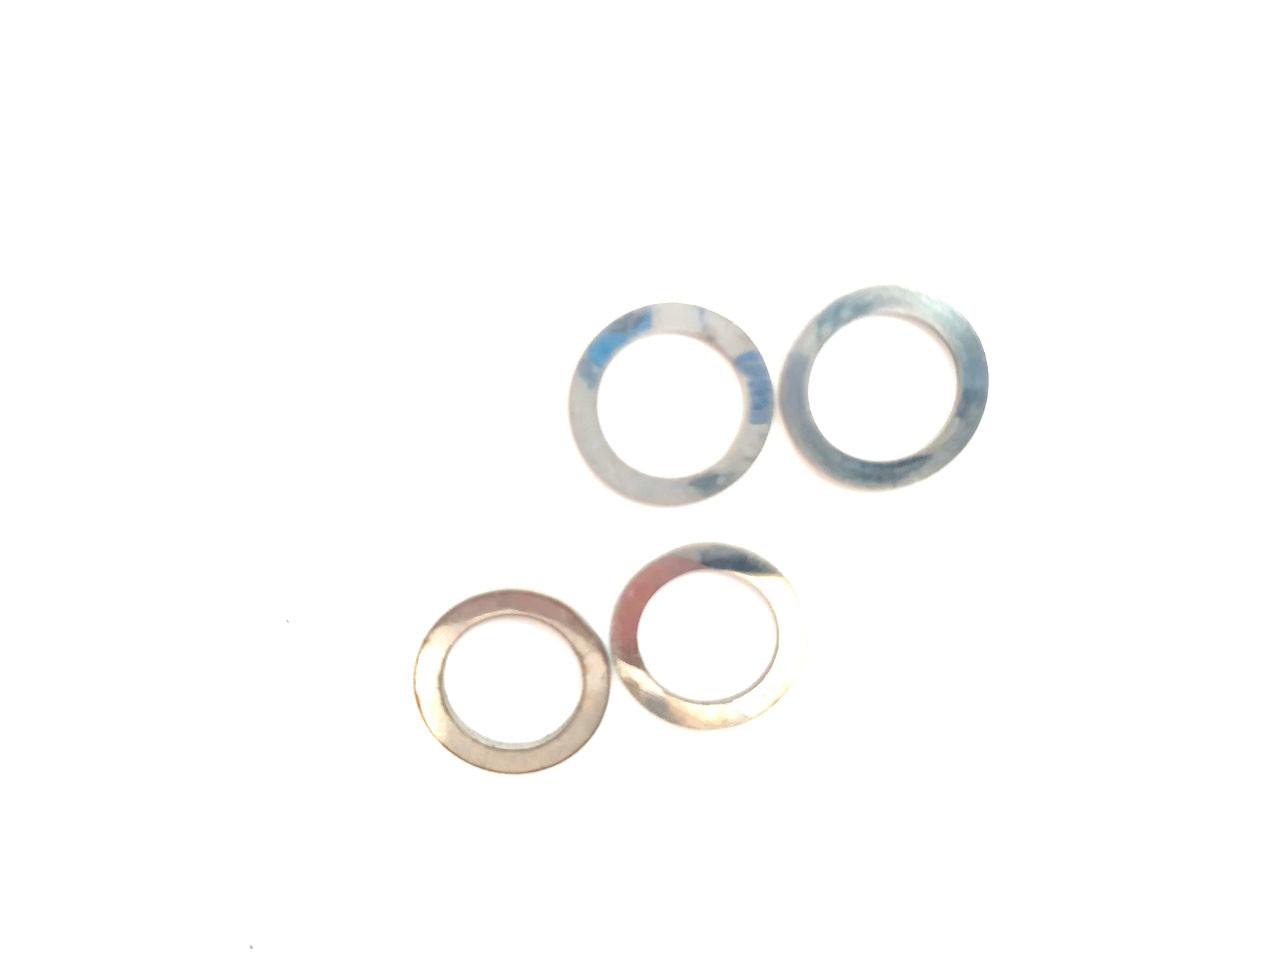 Шайбы тюнинга вариатора переднего Honda DIO AF-27/34 4шт 0.8/1.0/1.2/1.5mm VLAND